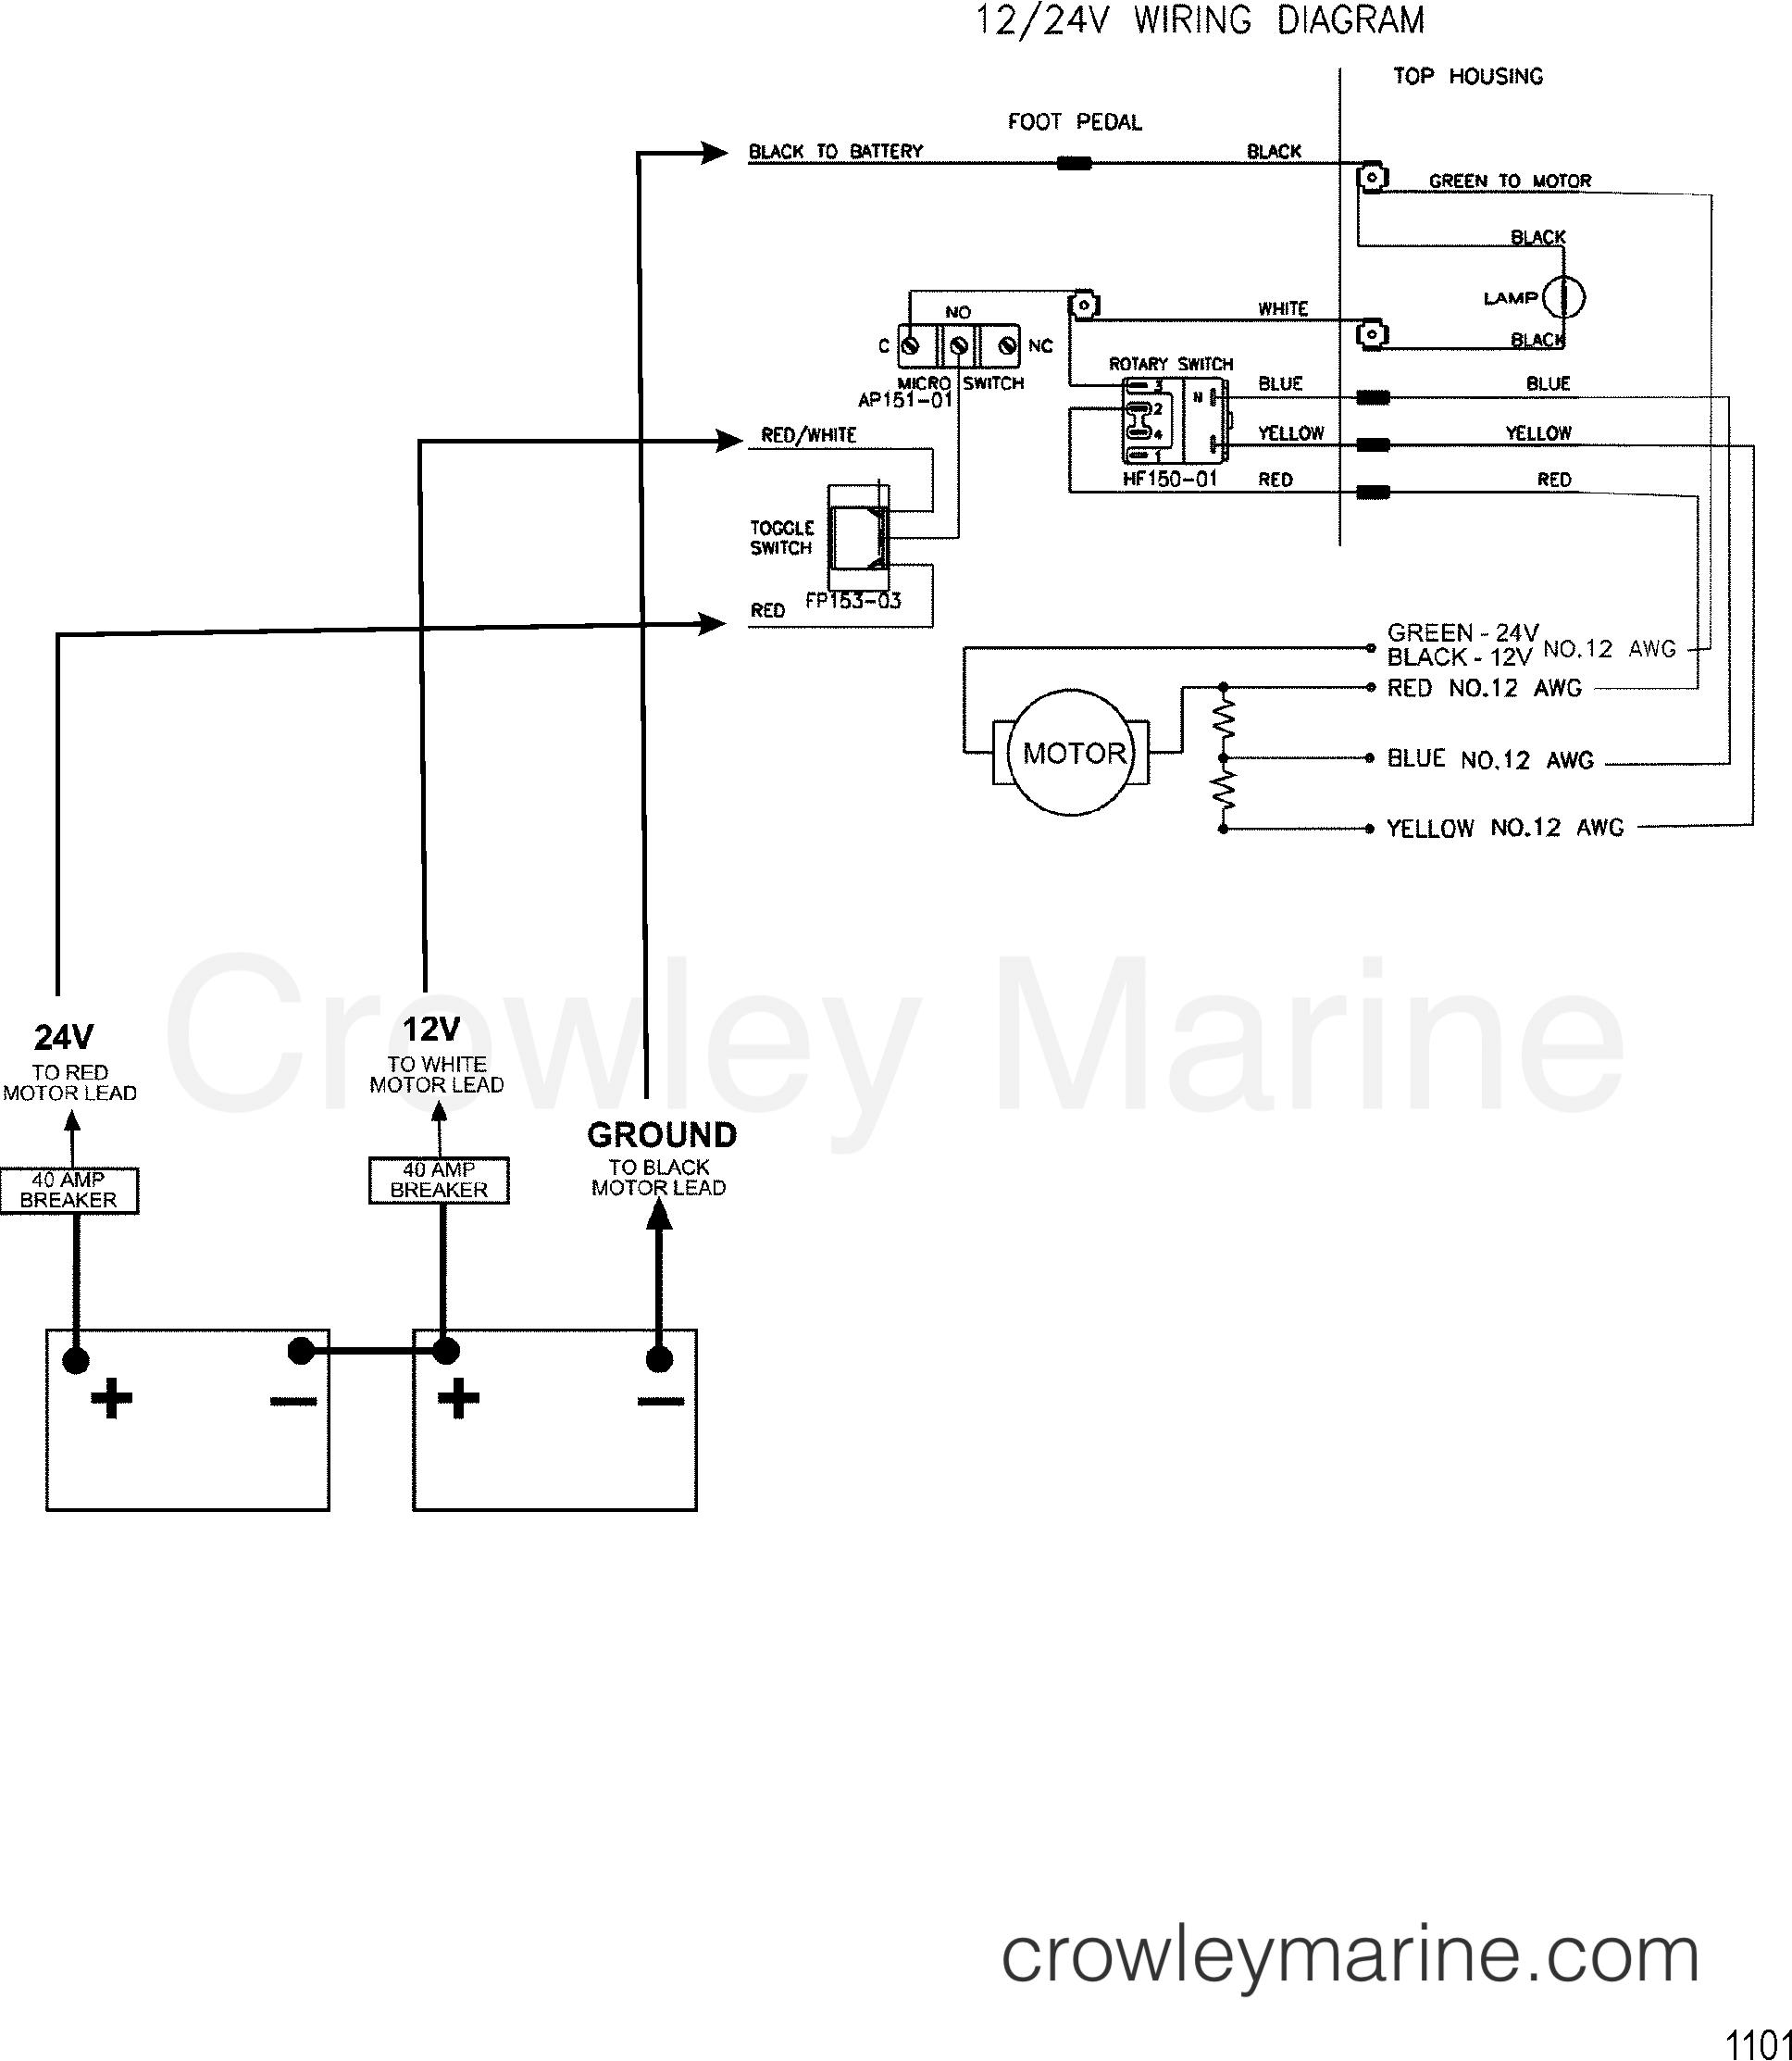 wire diagram model 767 24 volt 1999 motorguide. Black Bedroom Furniture Sets. Home Design Ideas